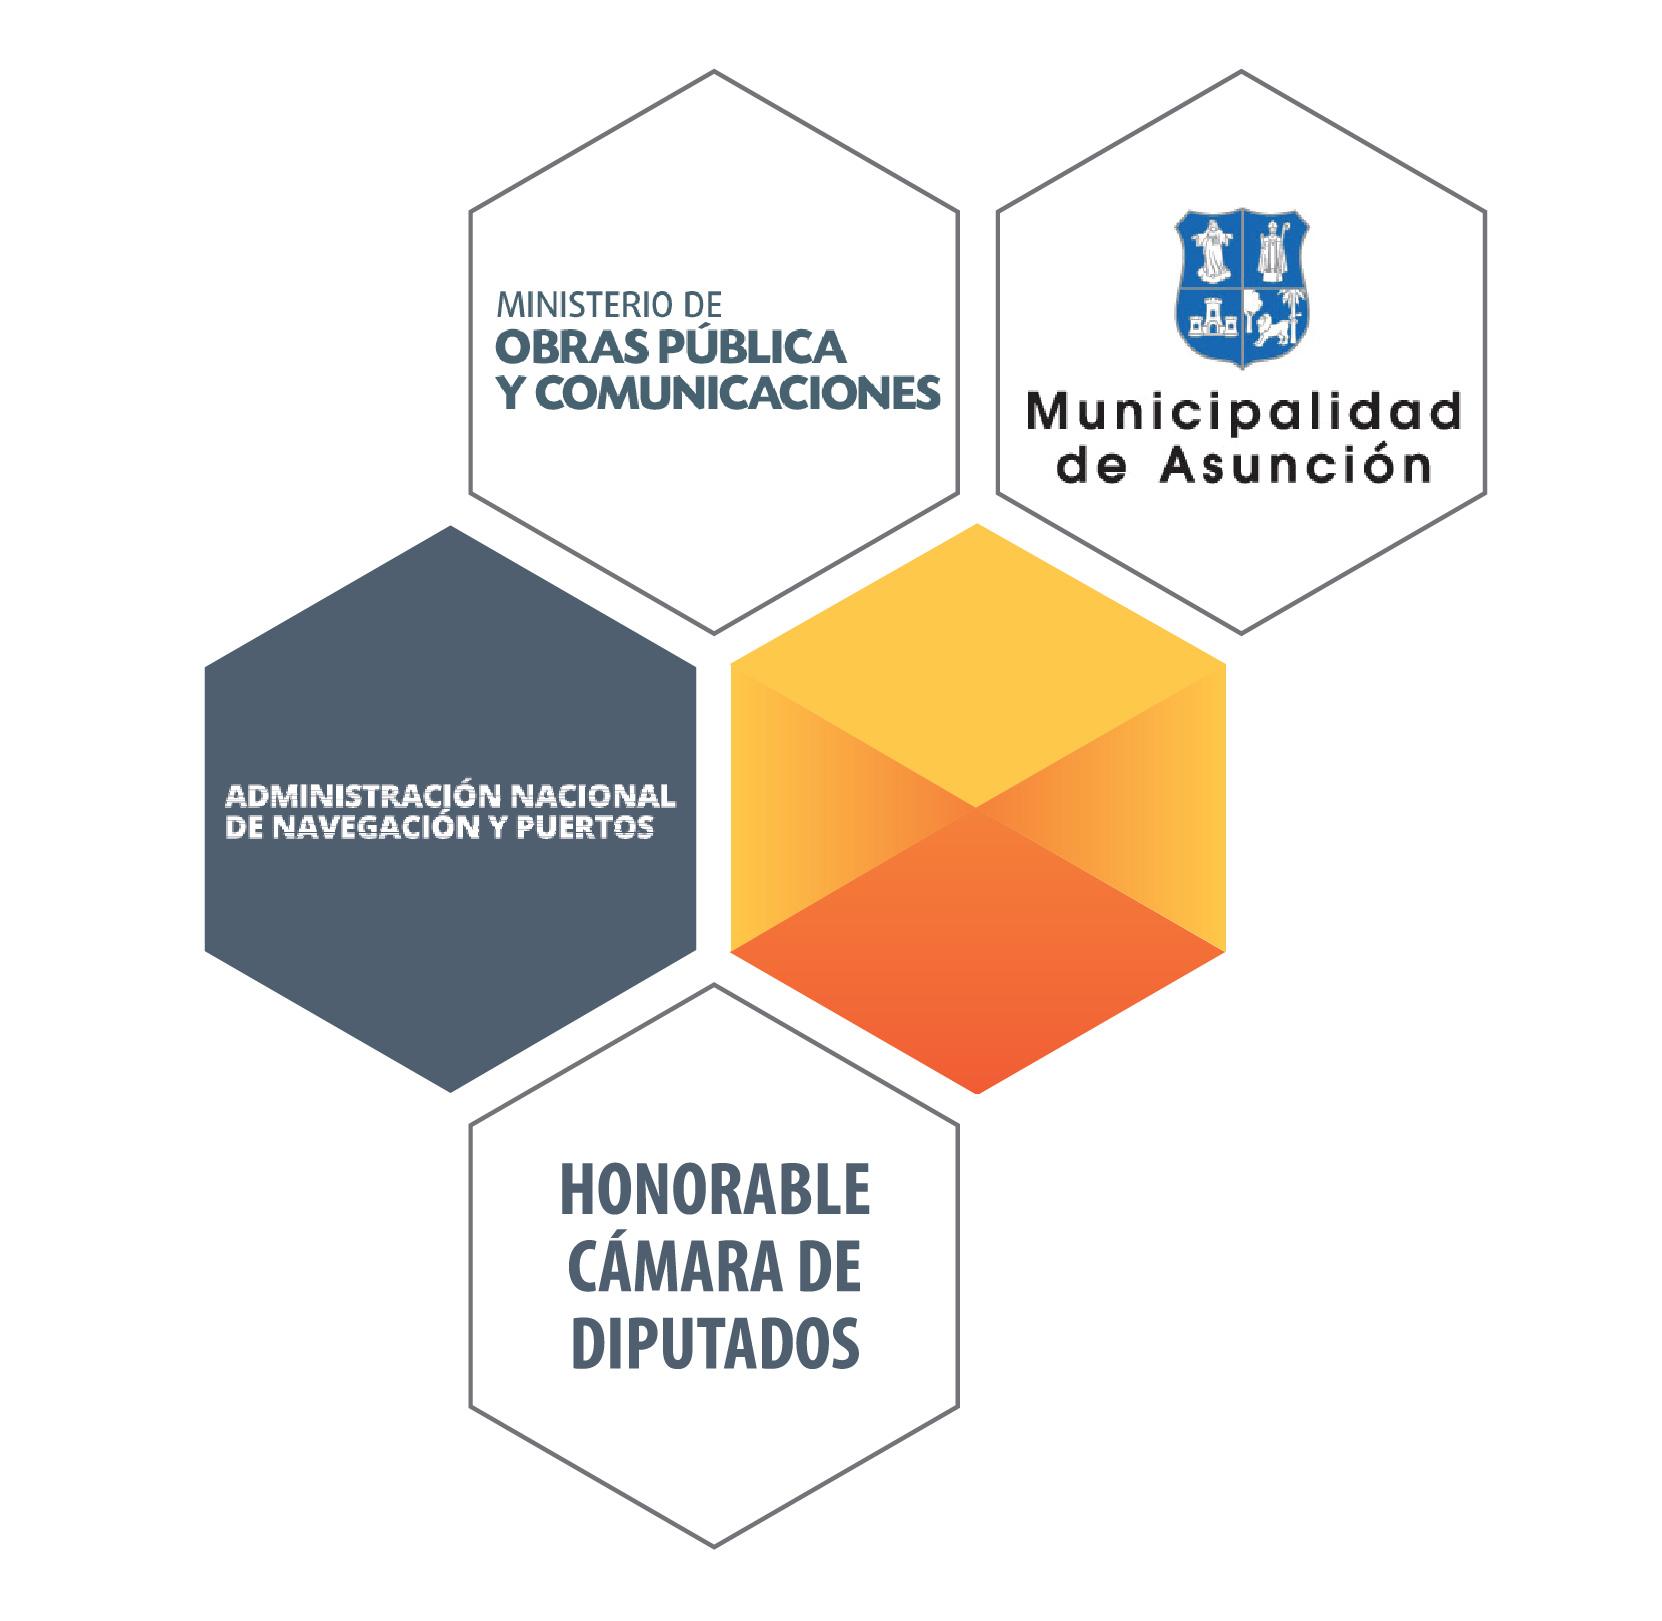 Obras Públicas, Municipalidad de Asunción imagen